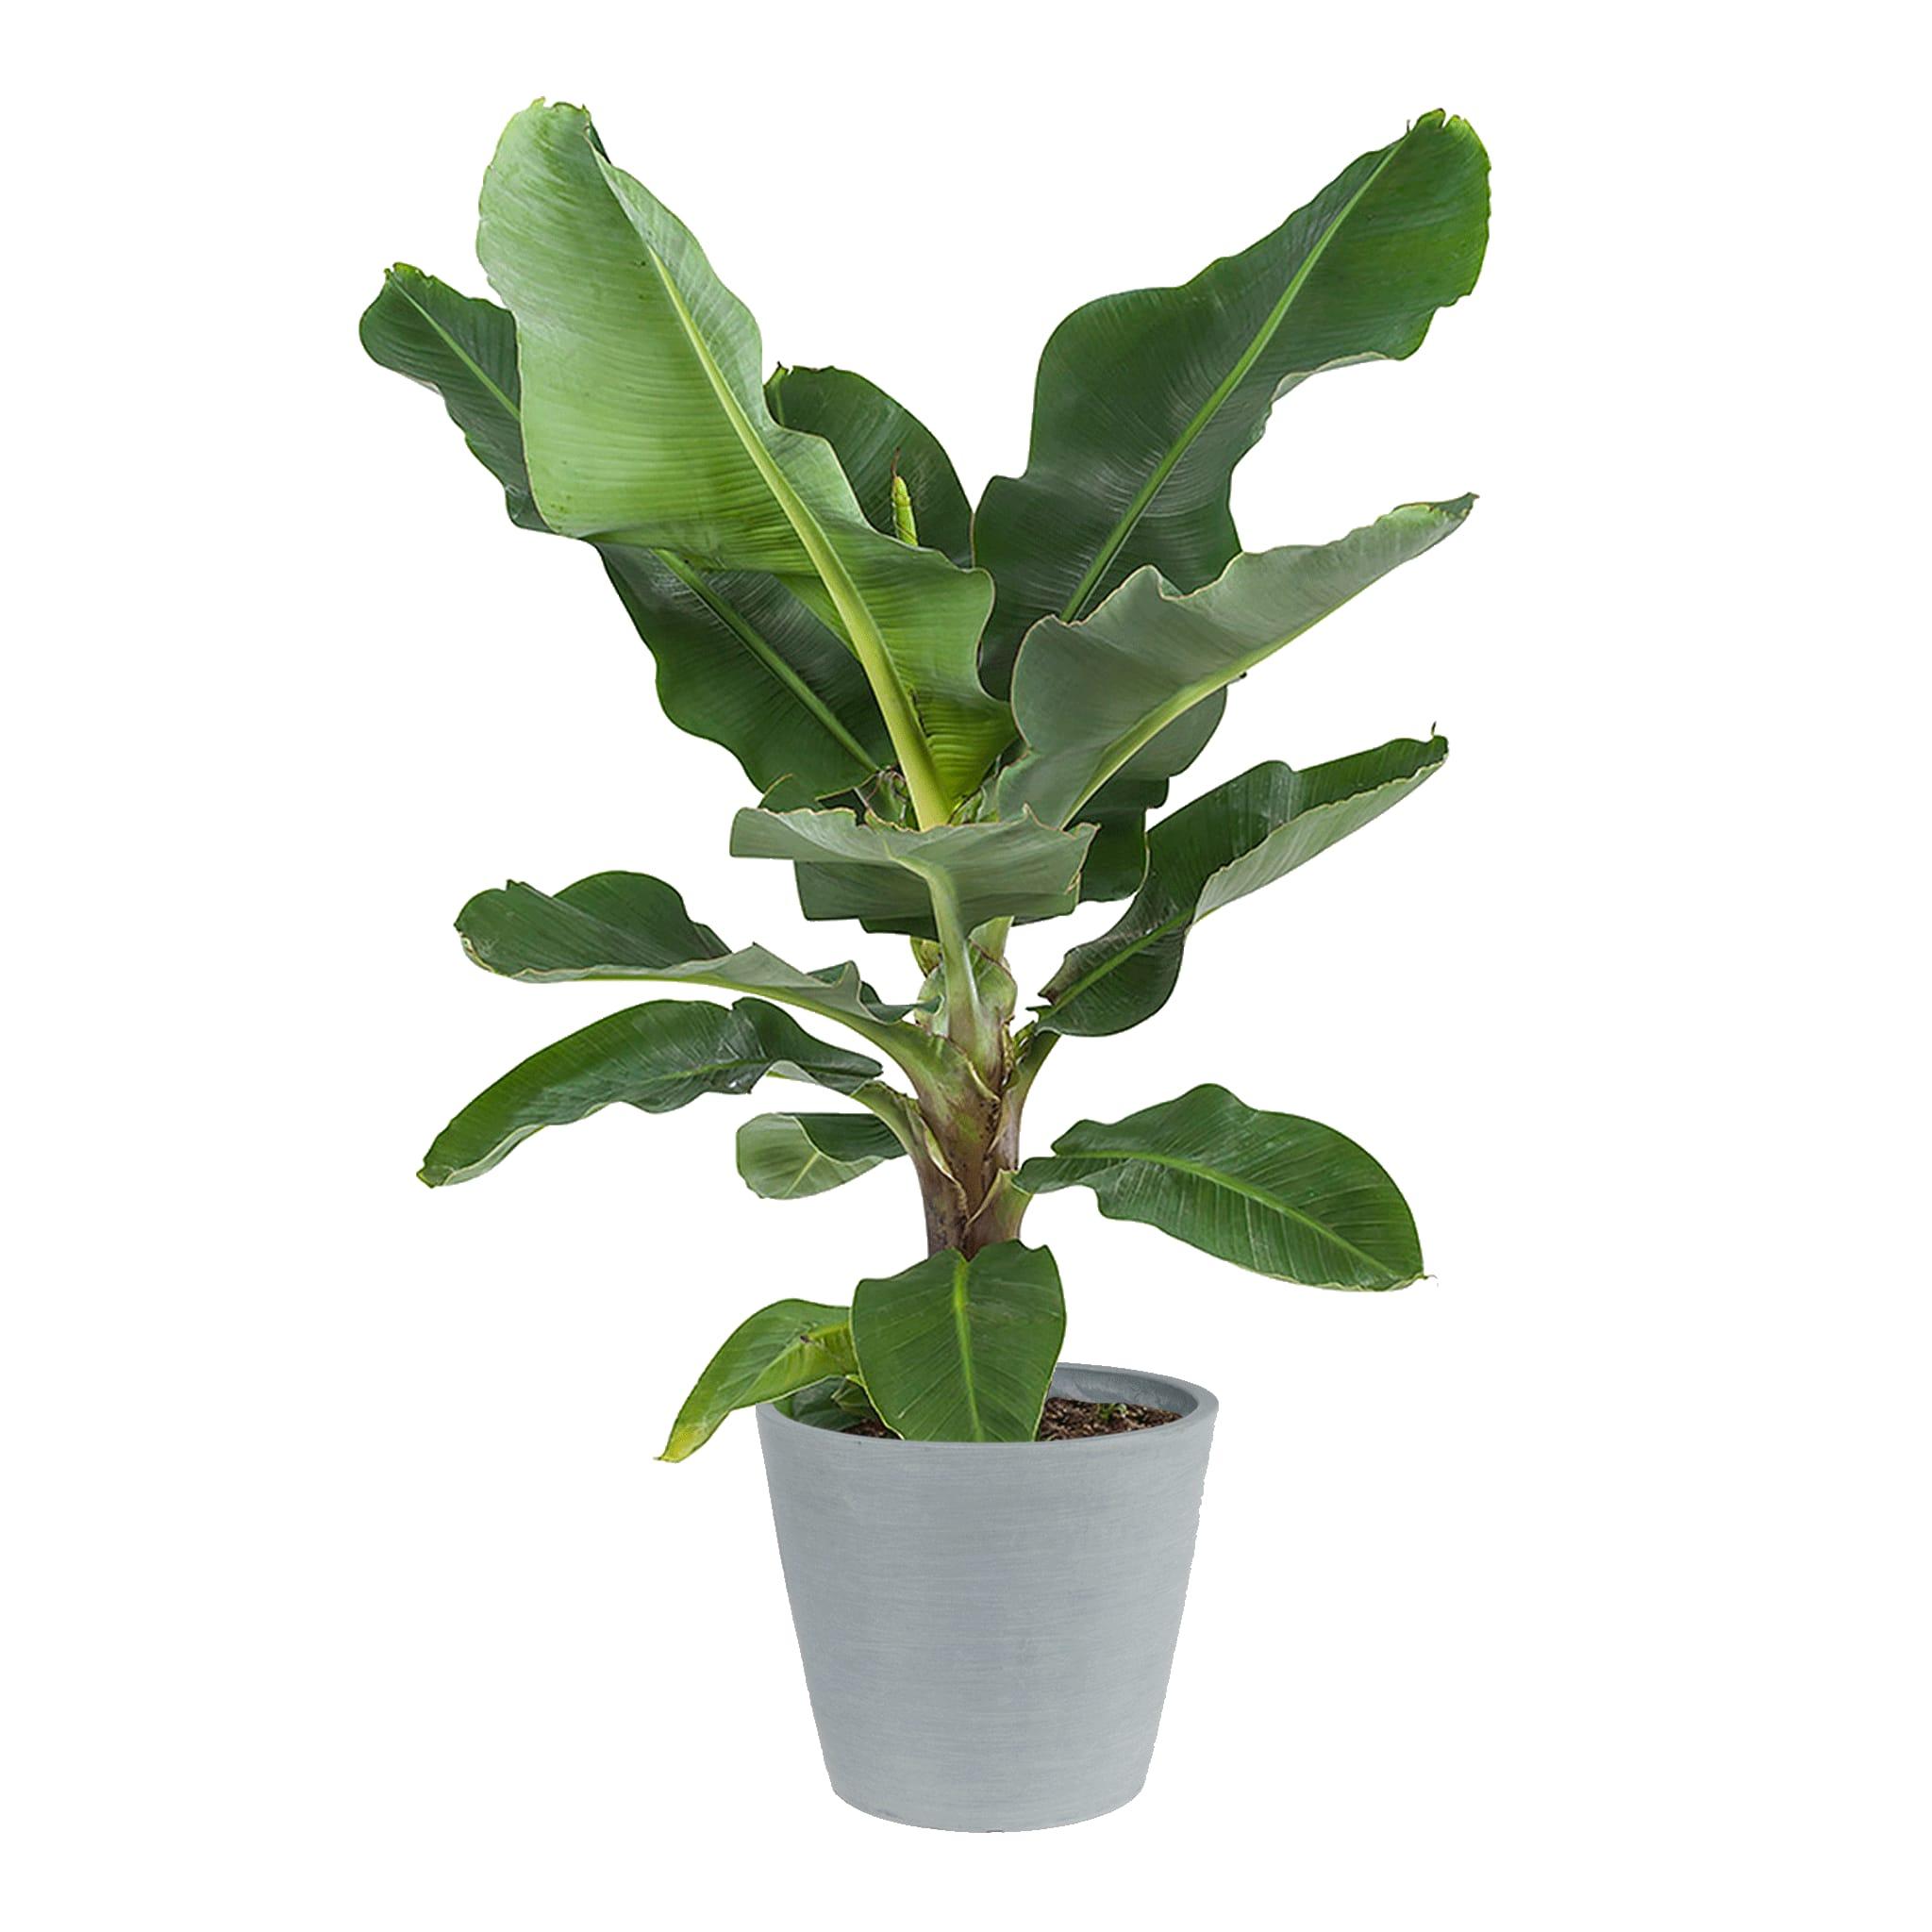 Plante d'intérieur - Bananier de 80 cm en pot bleu gris